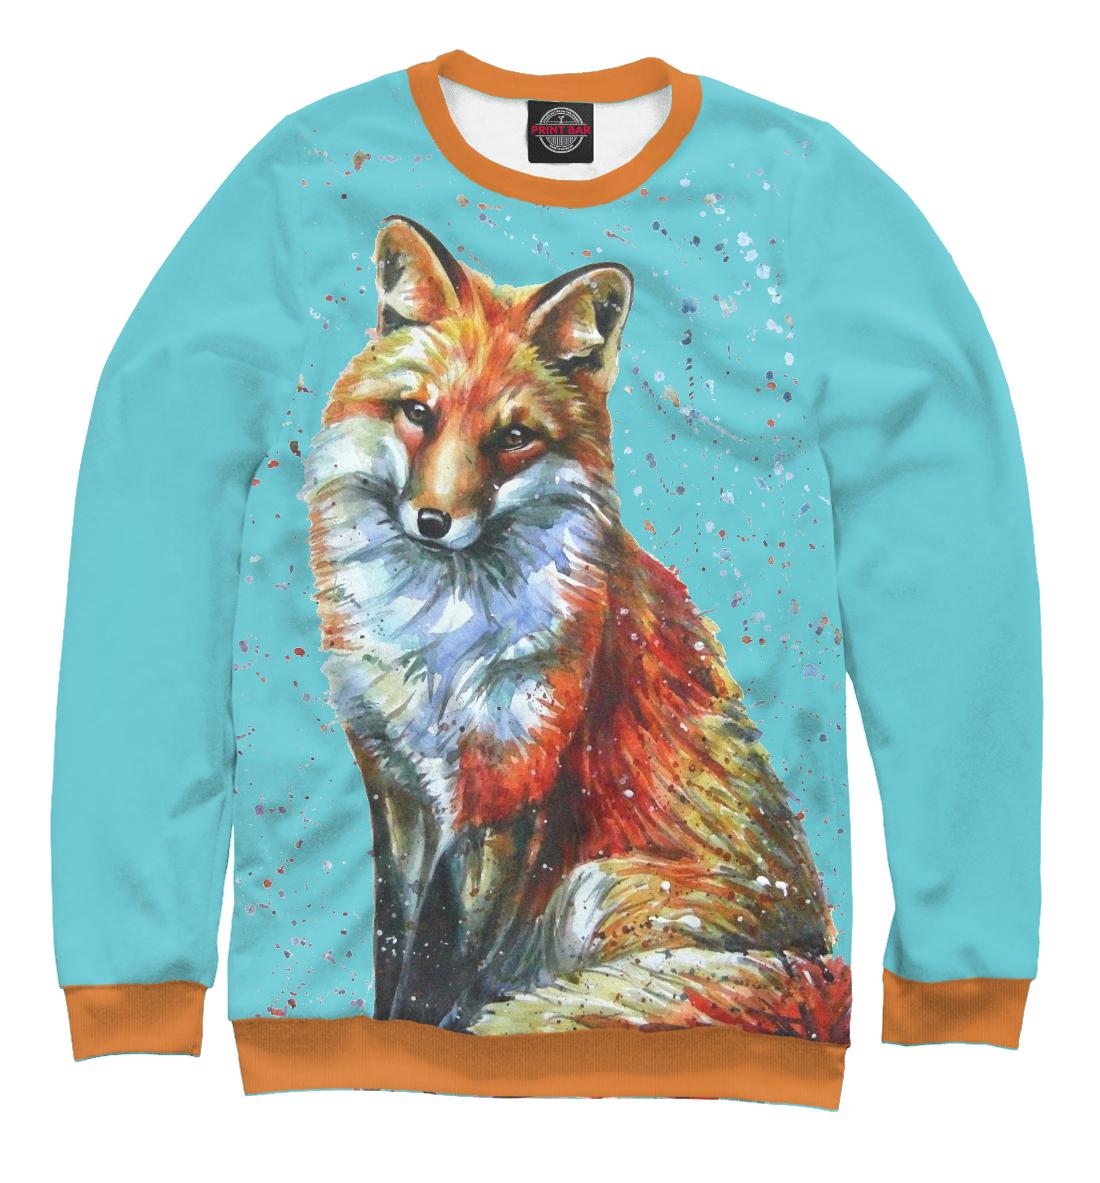 Купить Хитрая лиса, Printbar, Свитшоты, FOX-614509-swi-1